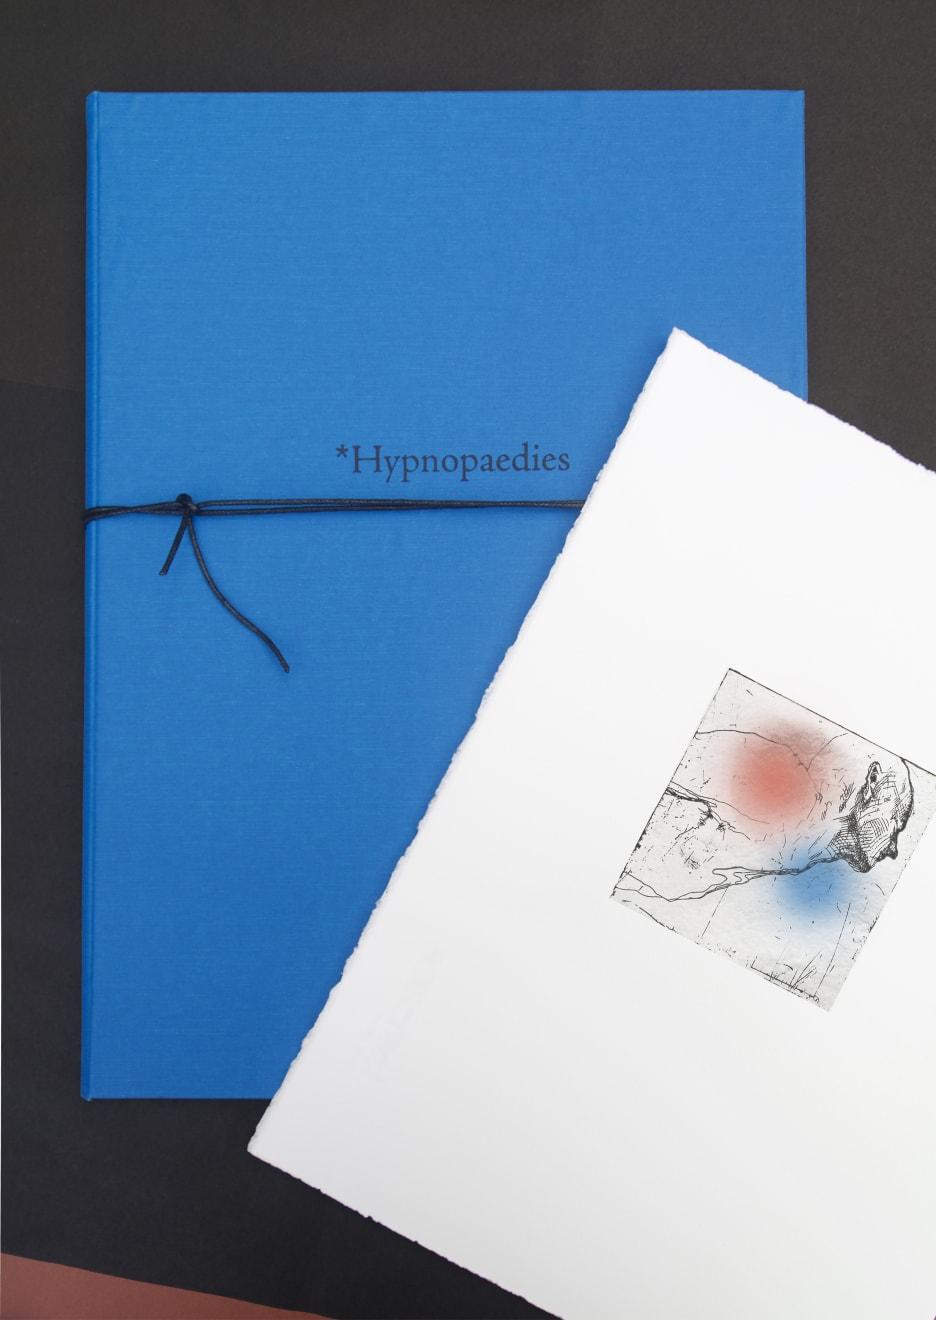 Veta Gorner, Hypnopaedies Portfiolio, 2020